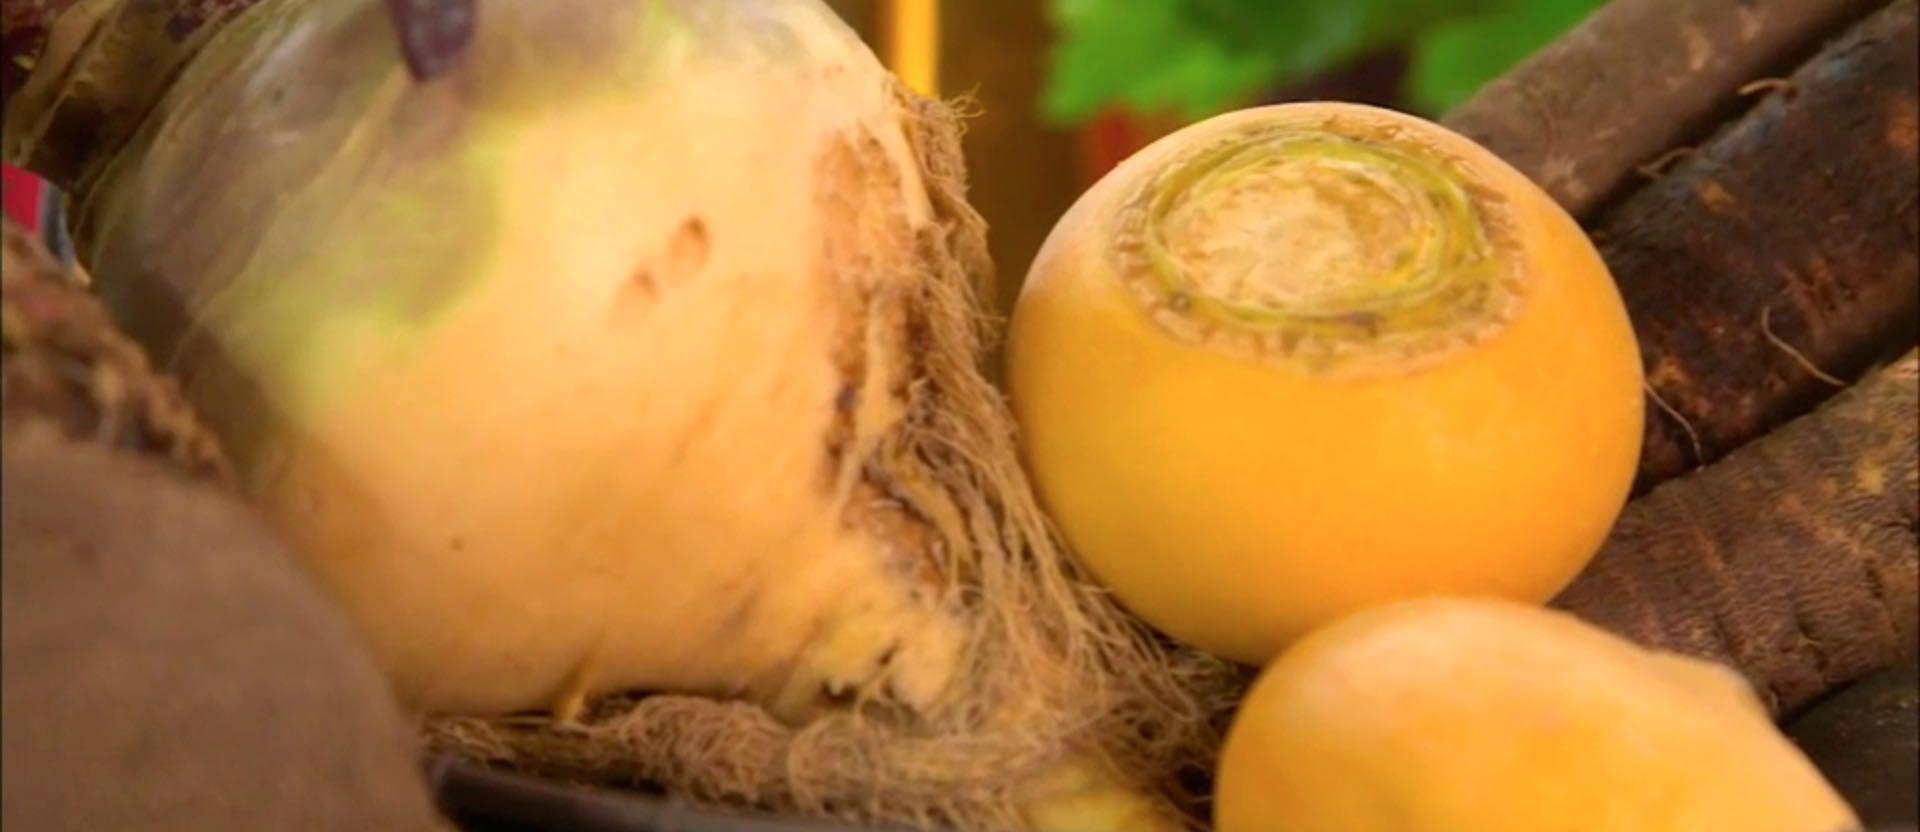 C'est de saison : les légumes anciens - Laurent Mariotte